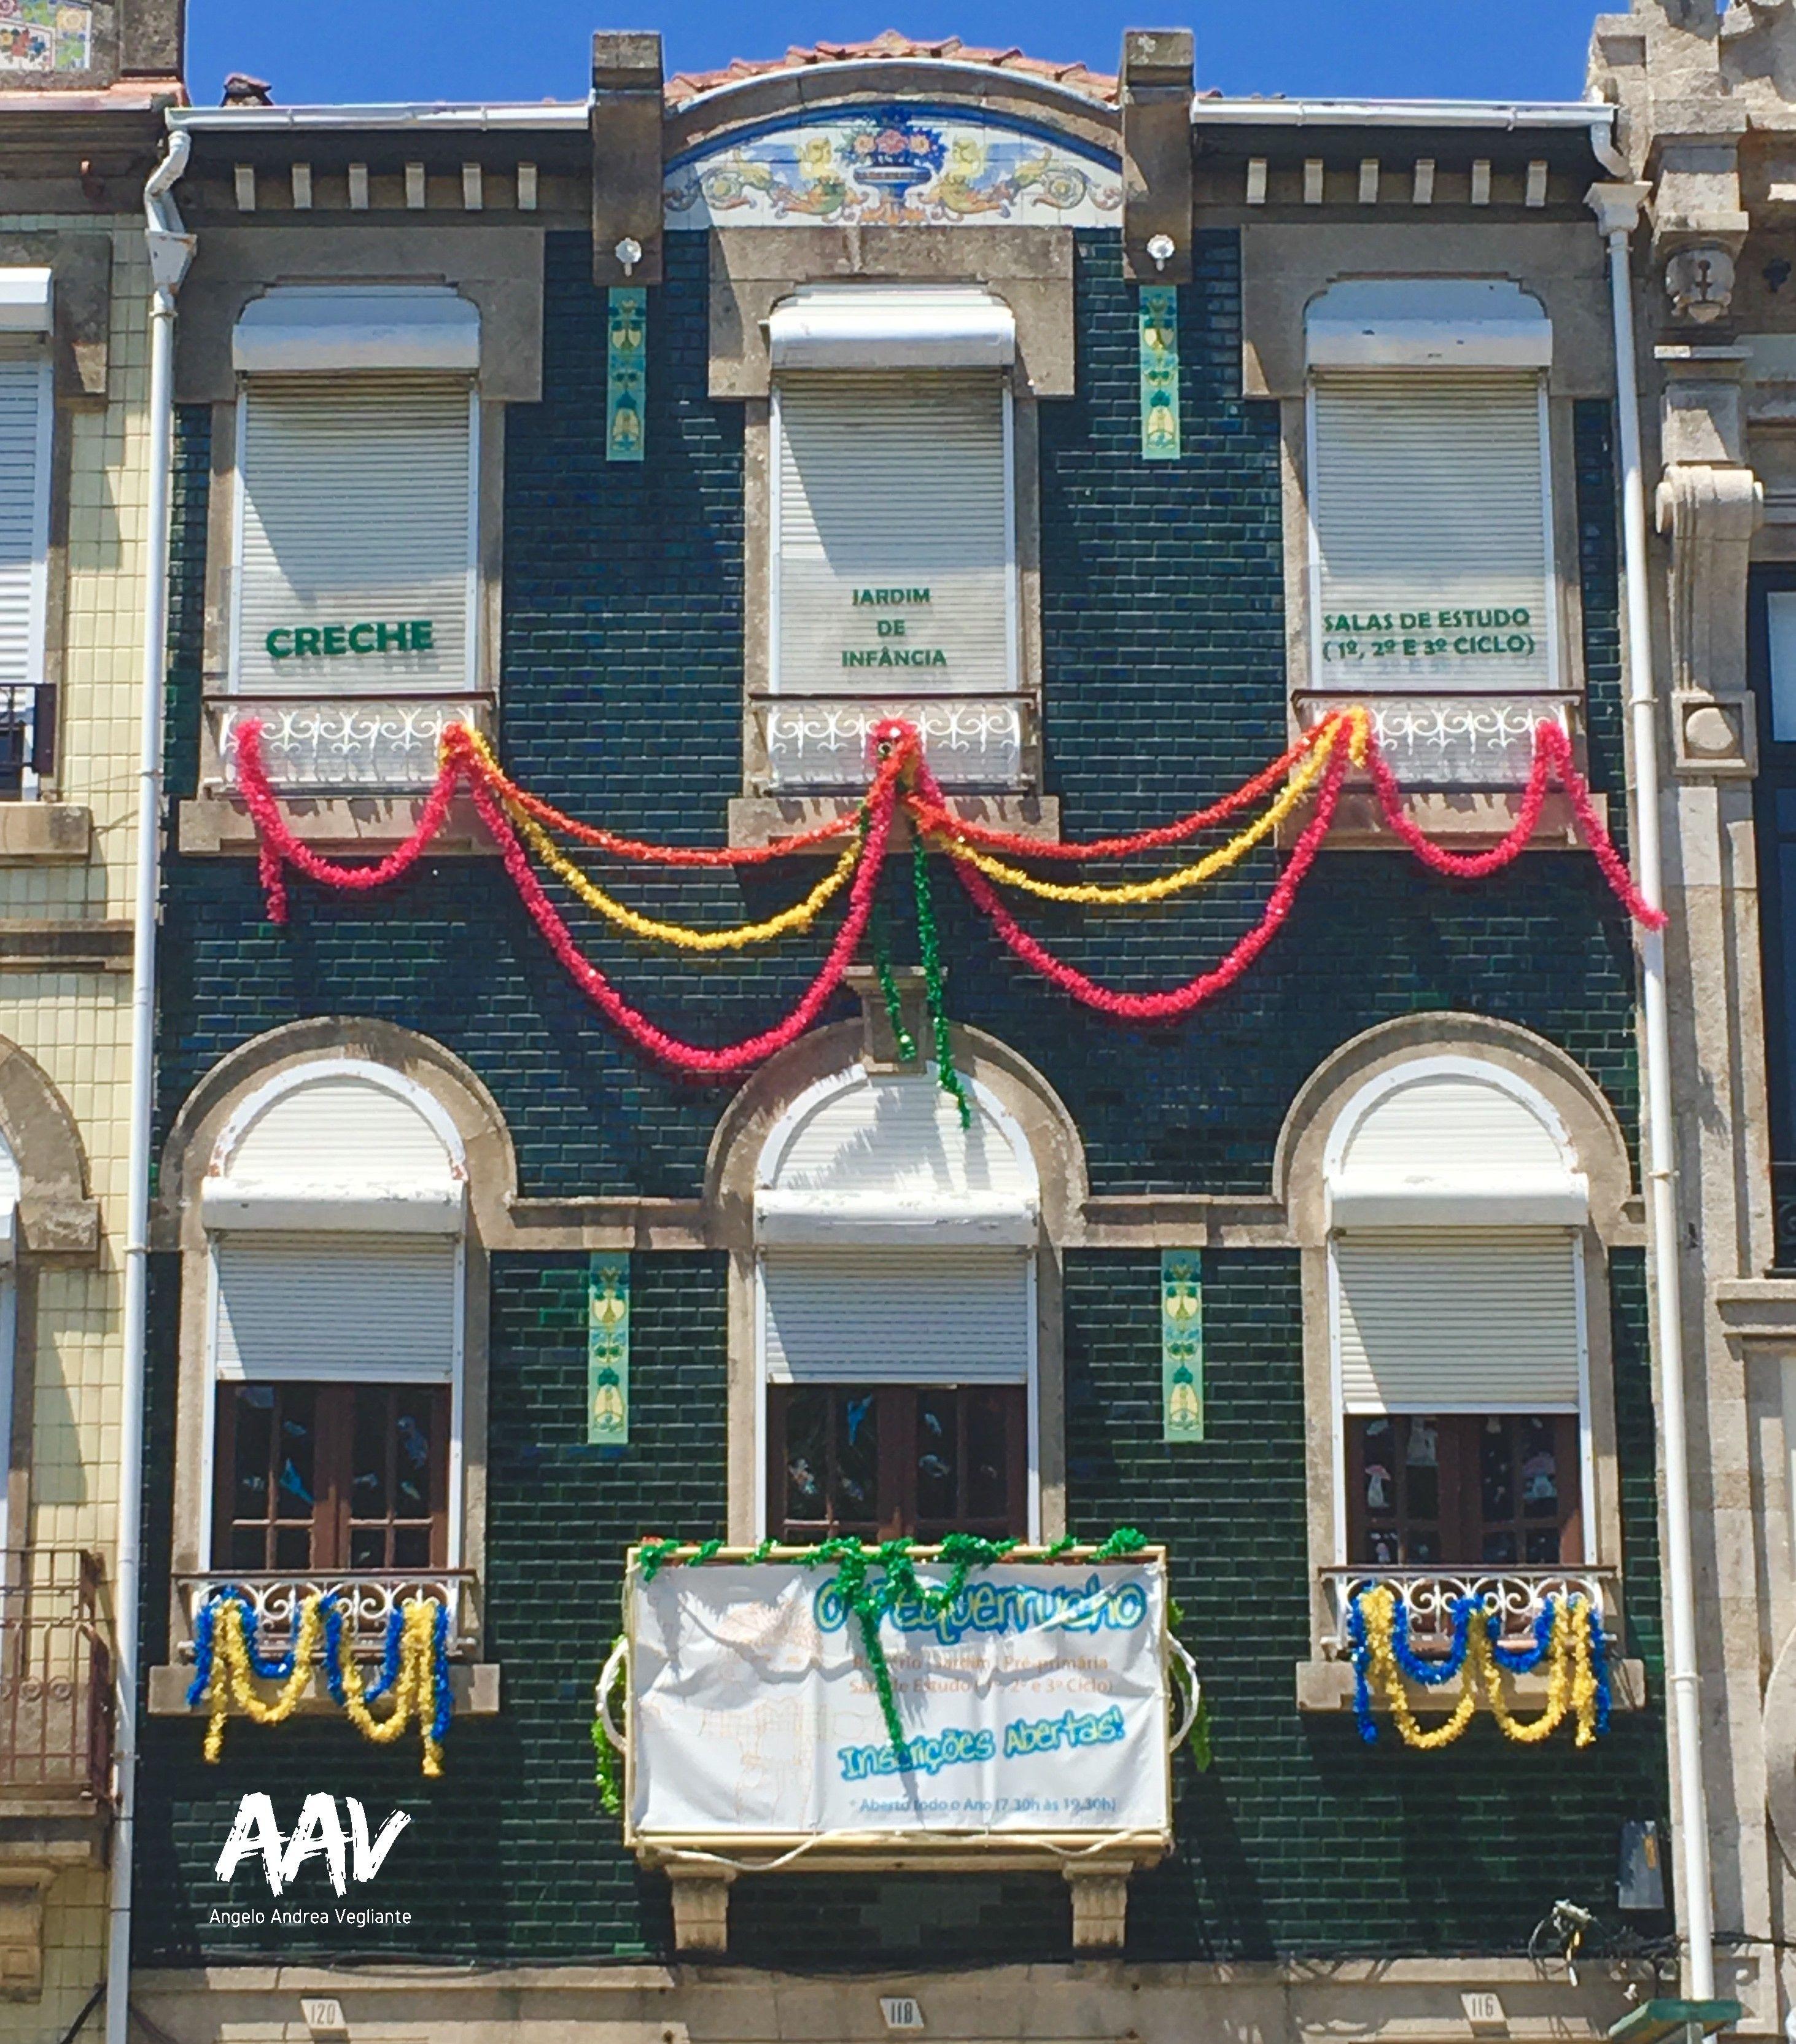 porto-colori-edificio-angelo andrea vegliante-portogallo